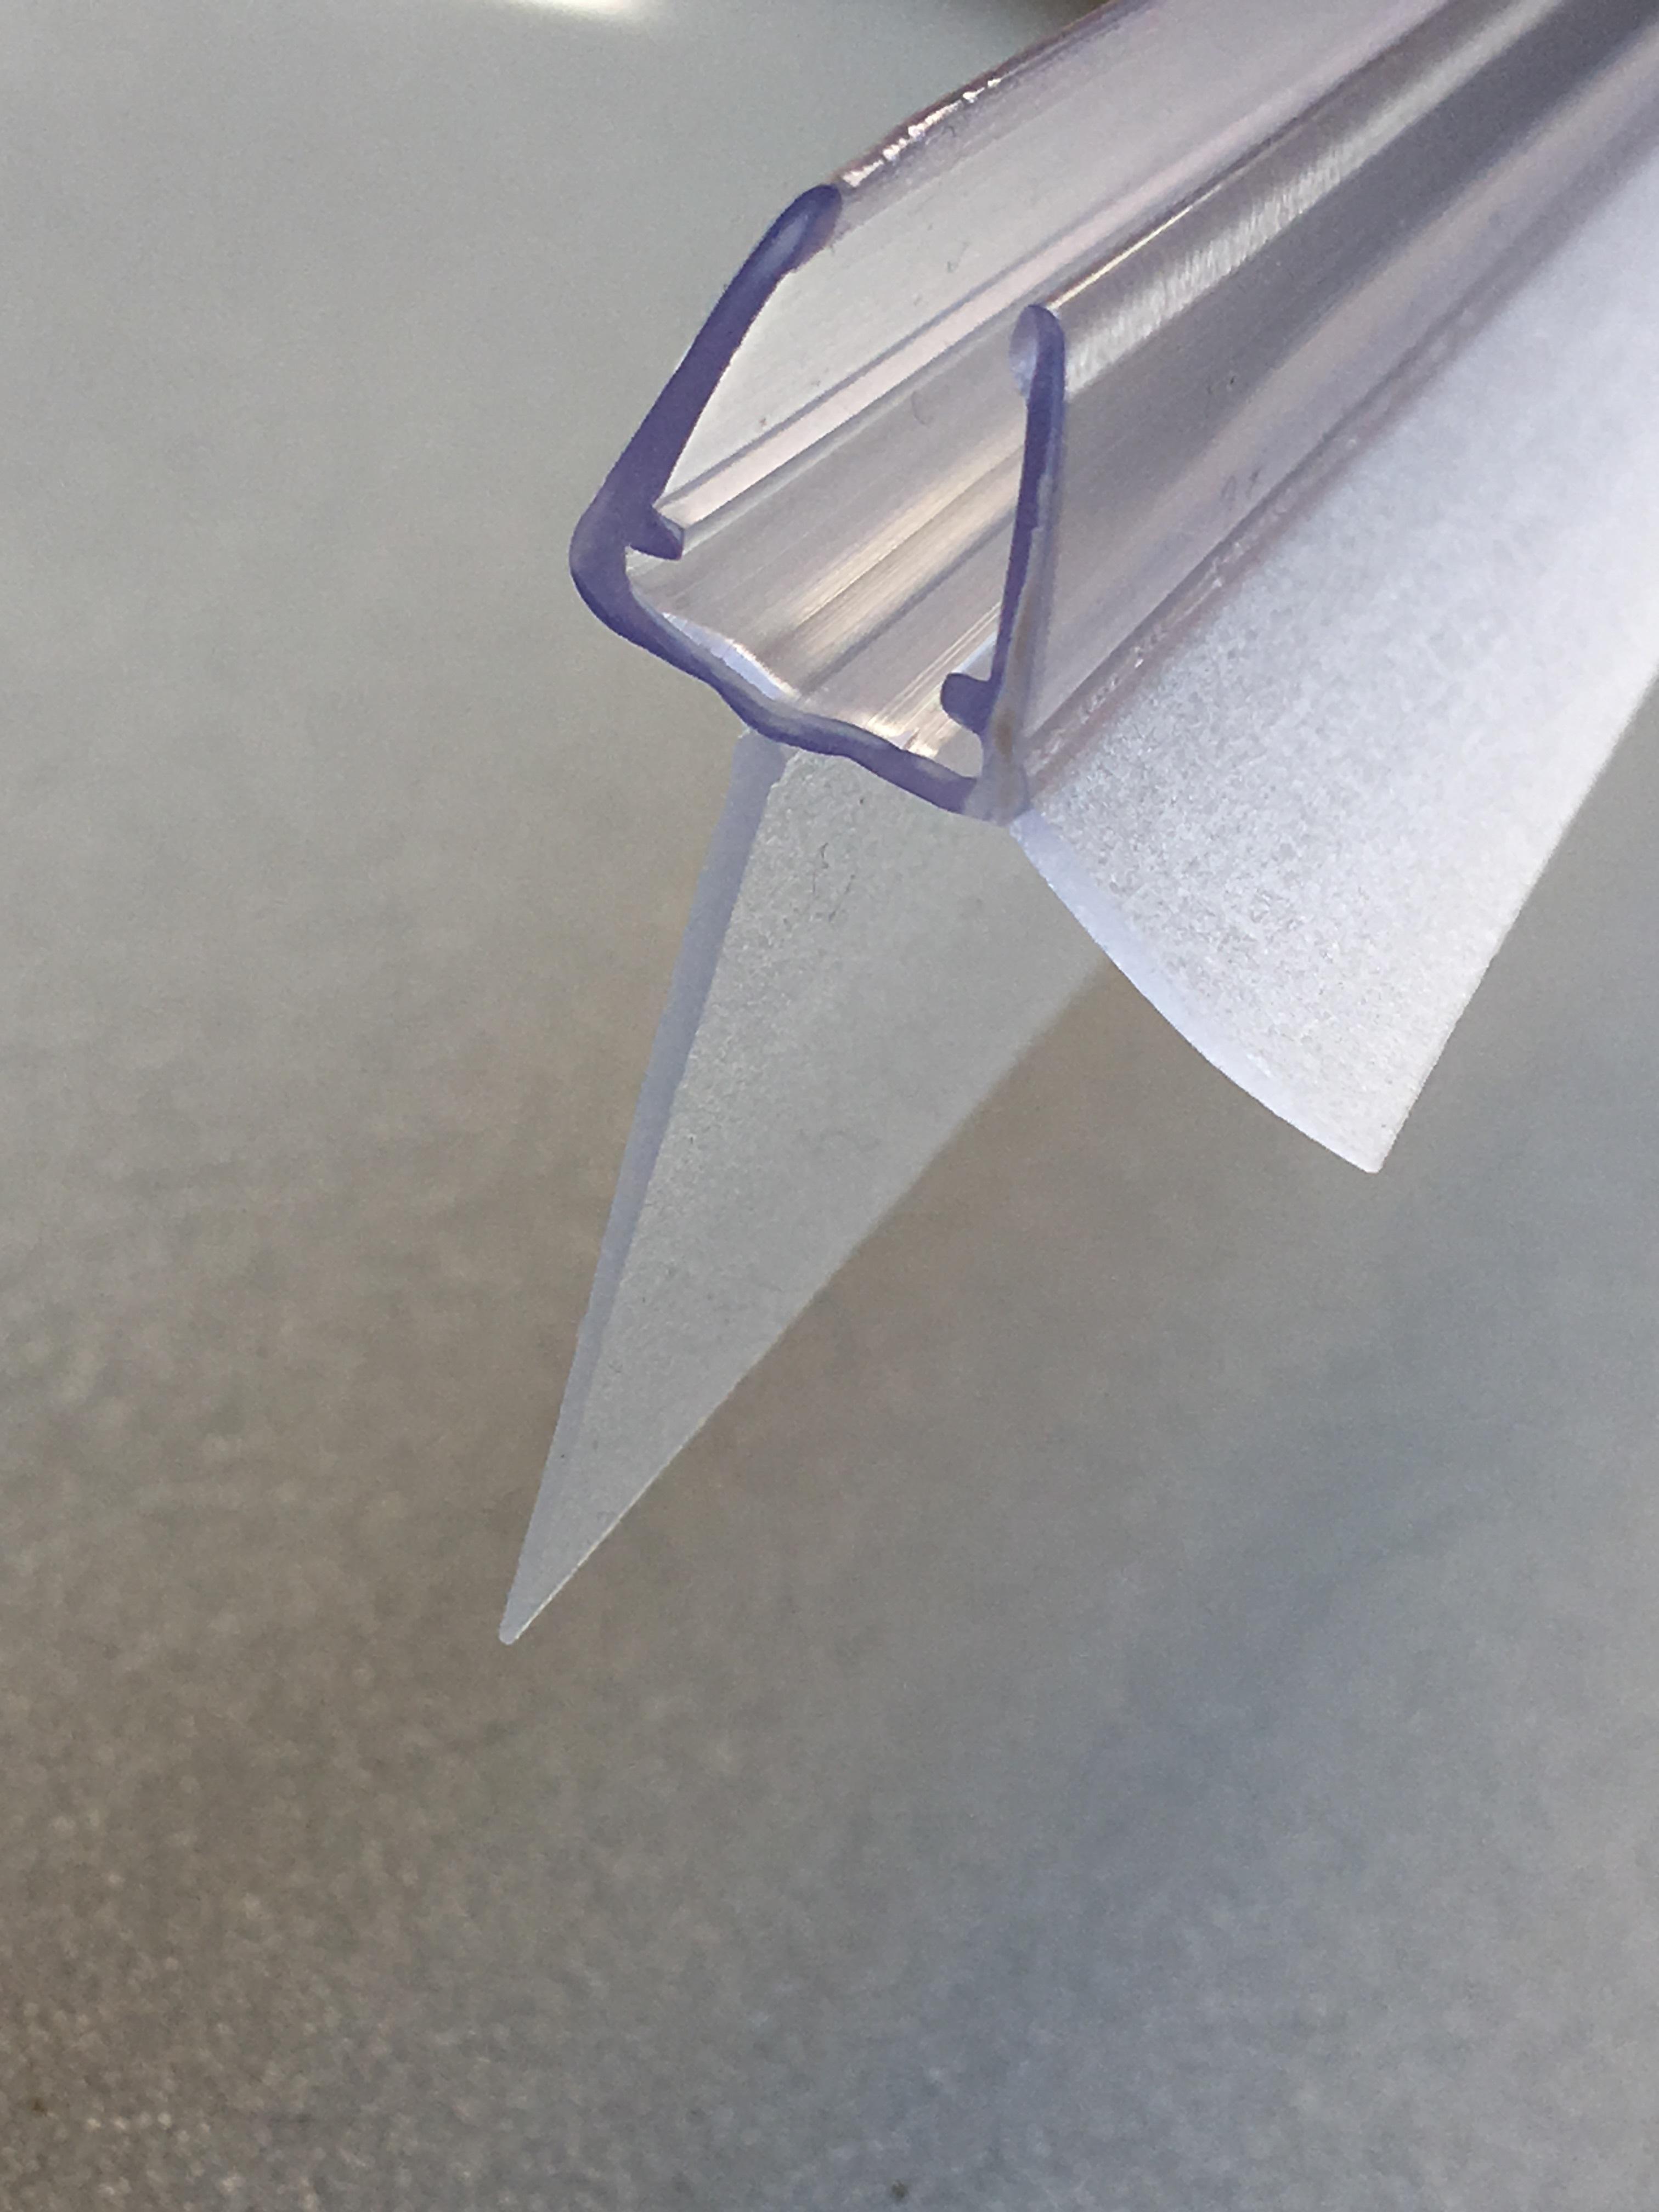 1003 2 wasserablaufprofil mit verl ngertem dichtkeder 25mm f r 6 8 mm glas 2 st ck 1meter. Black Bedroom Furniture Sets. Home Design Ideas